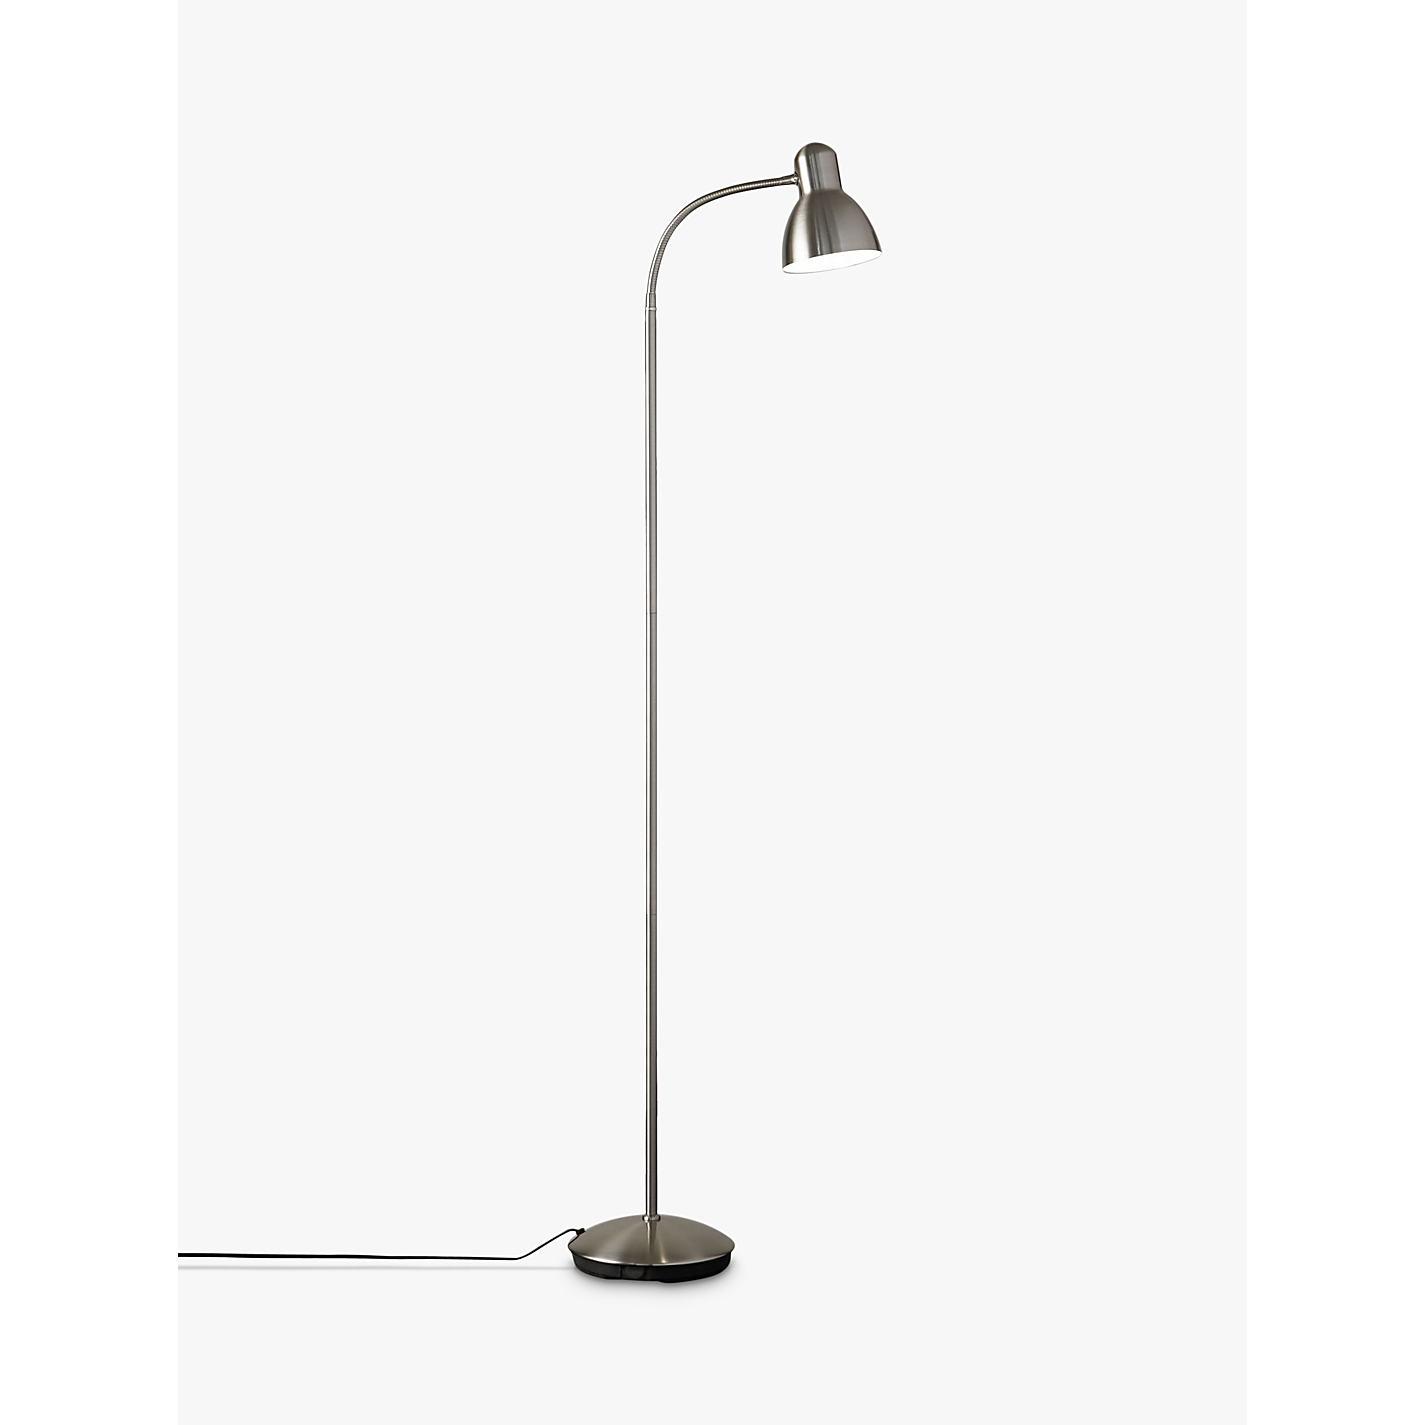 floor lighting led. buy john lewis mykki led floor lamp online at johnlewiscom lighting led